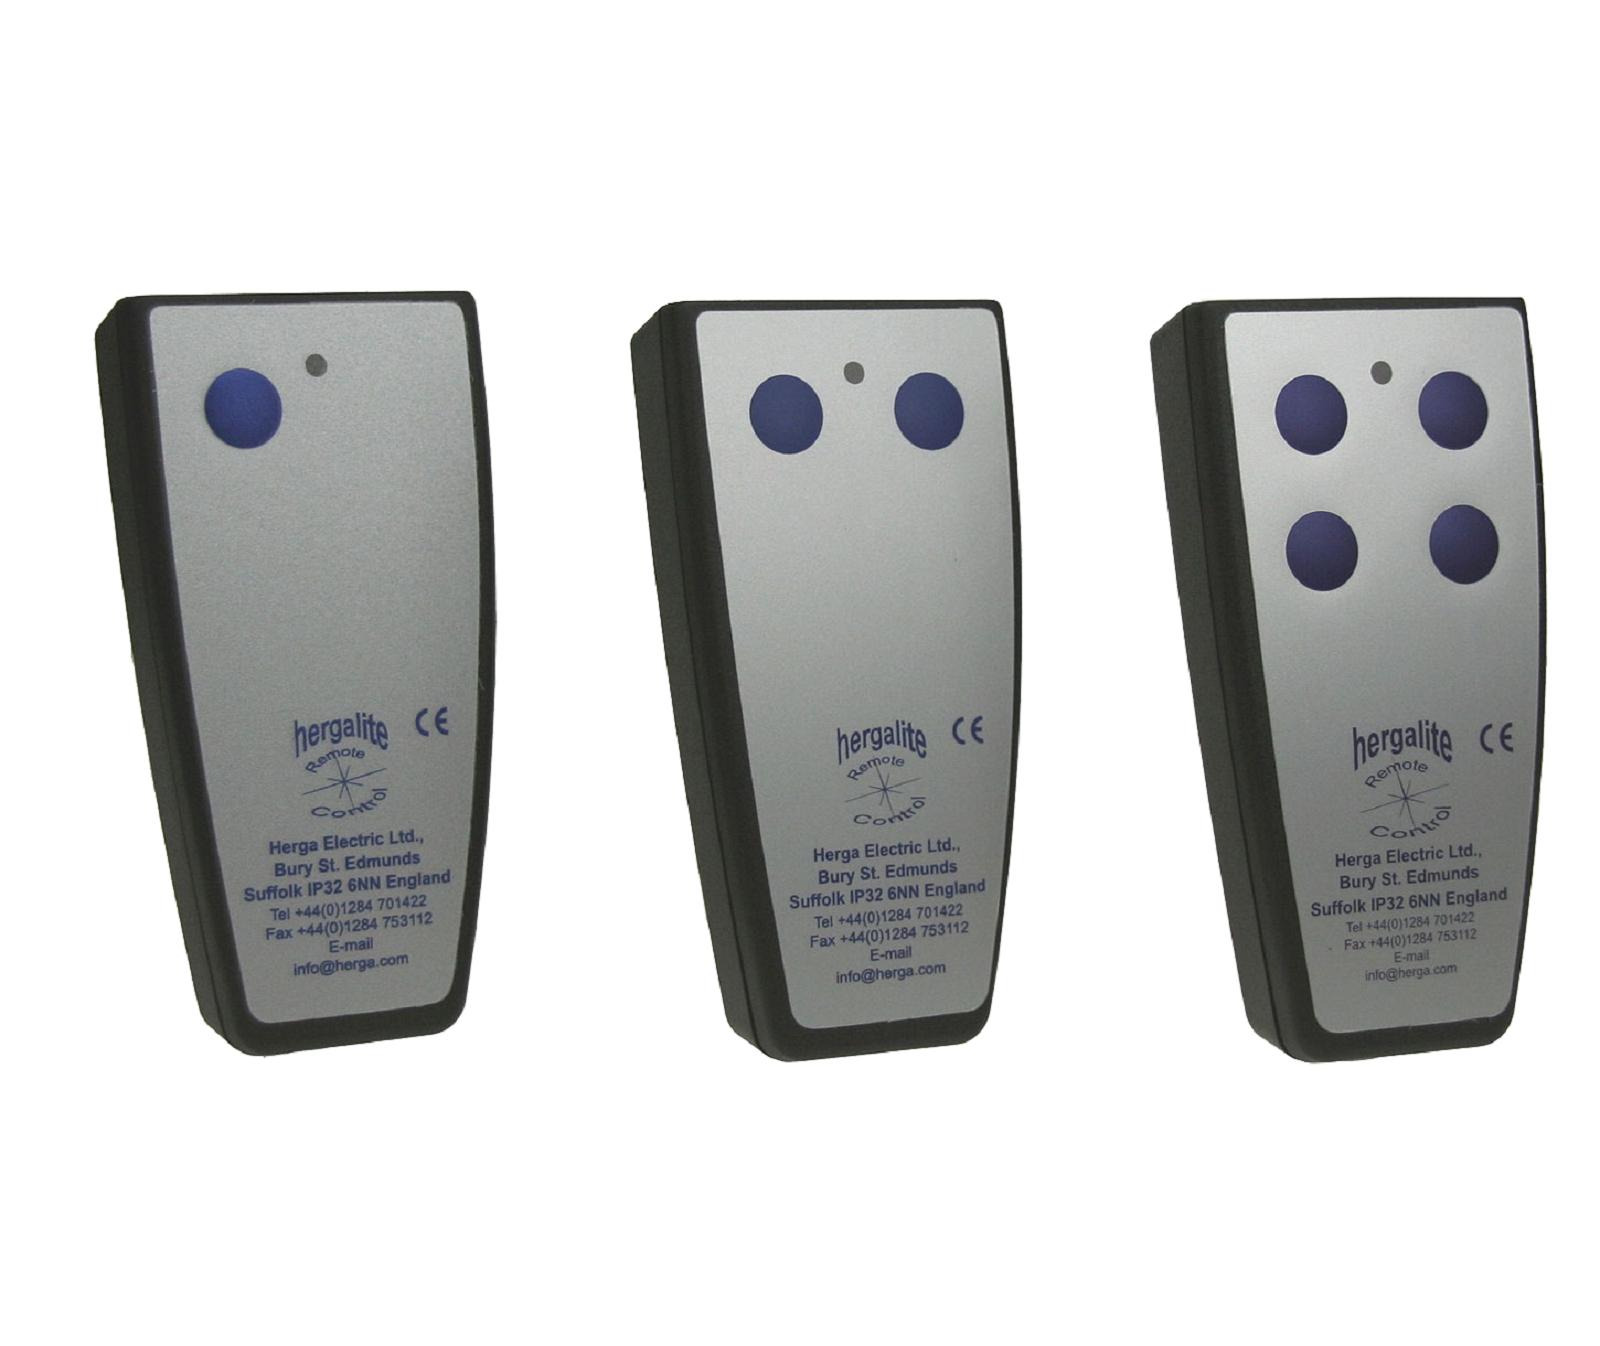 télécommandes électriques herga en france